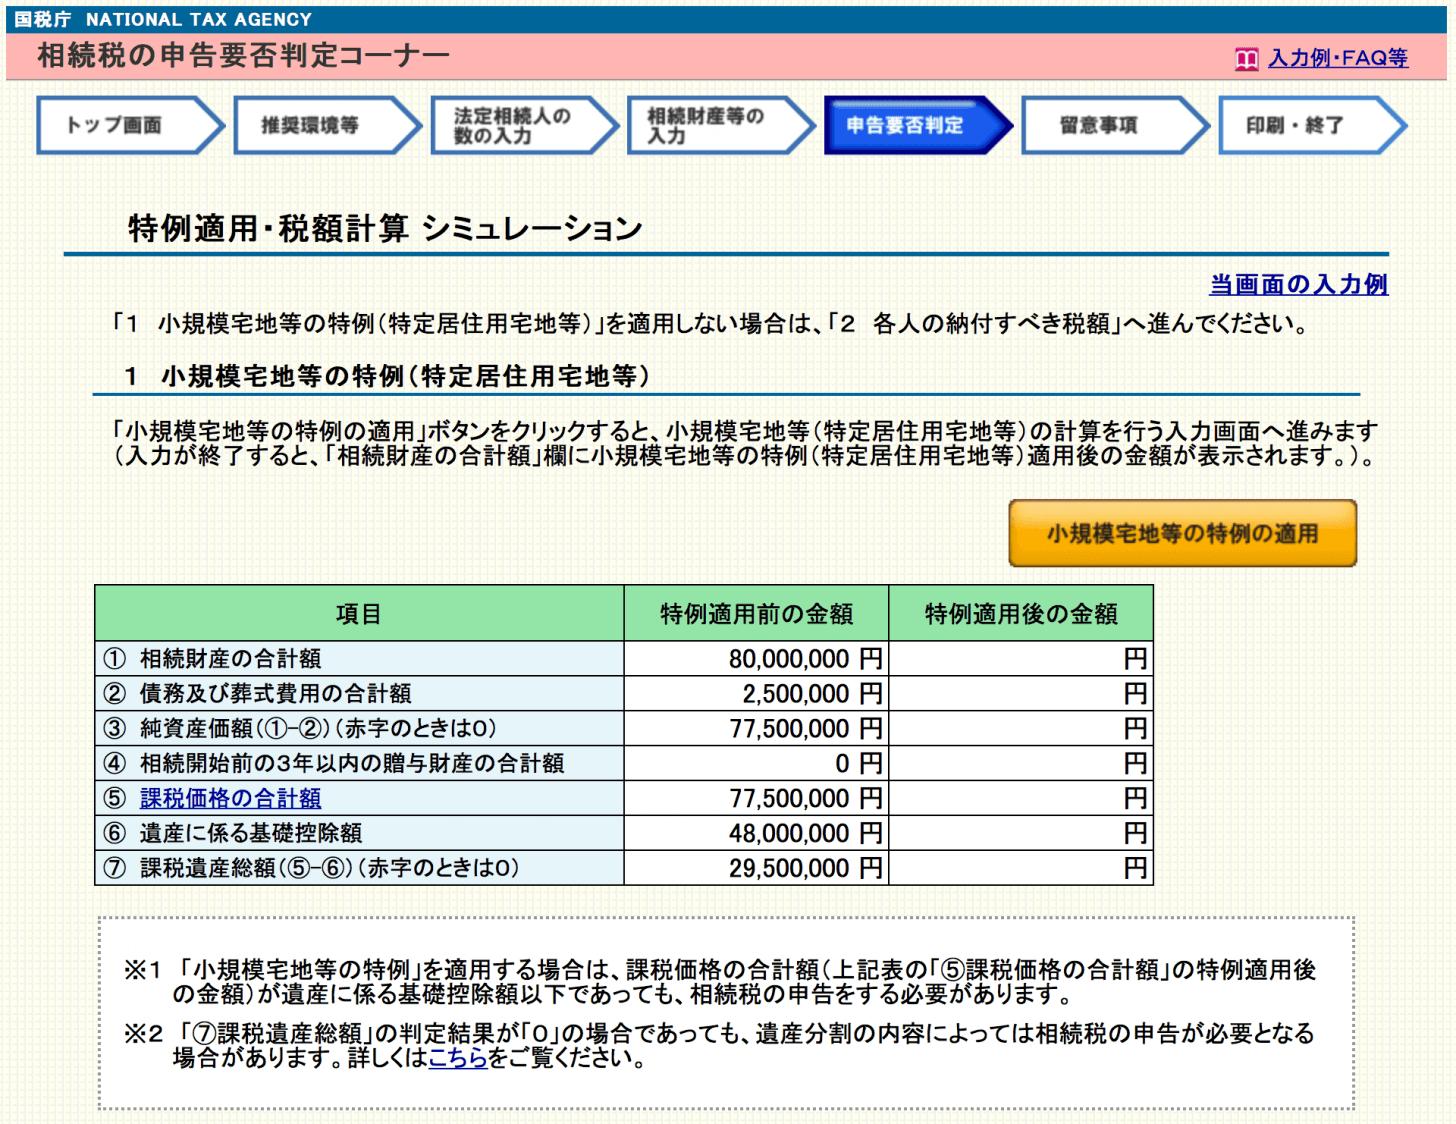 税額計算シミュレーション画面